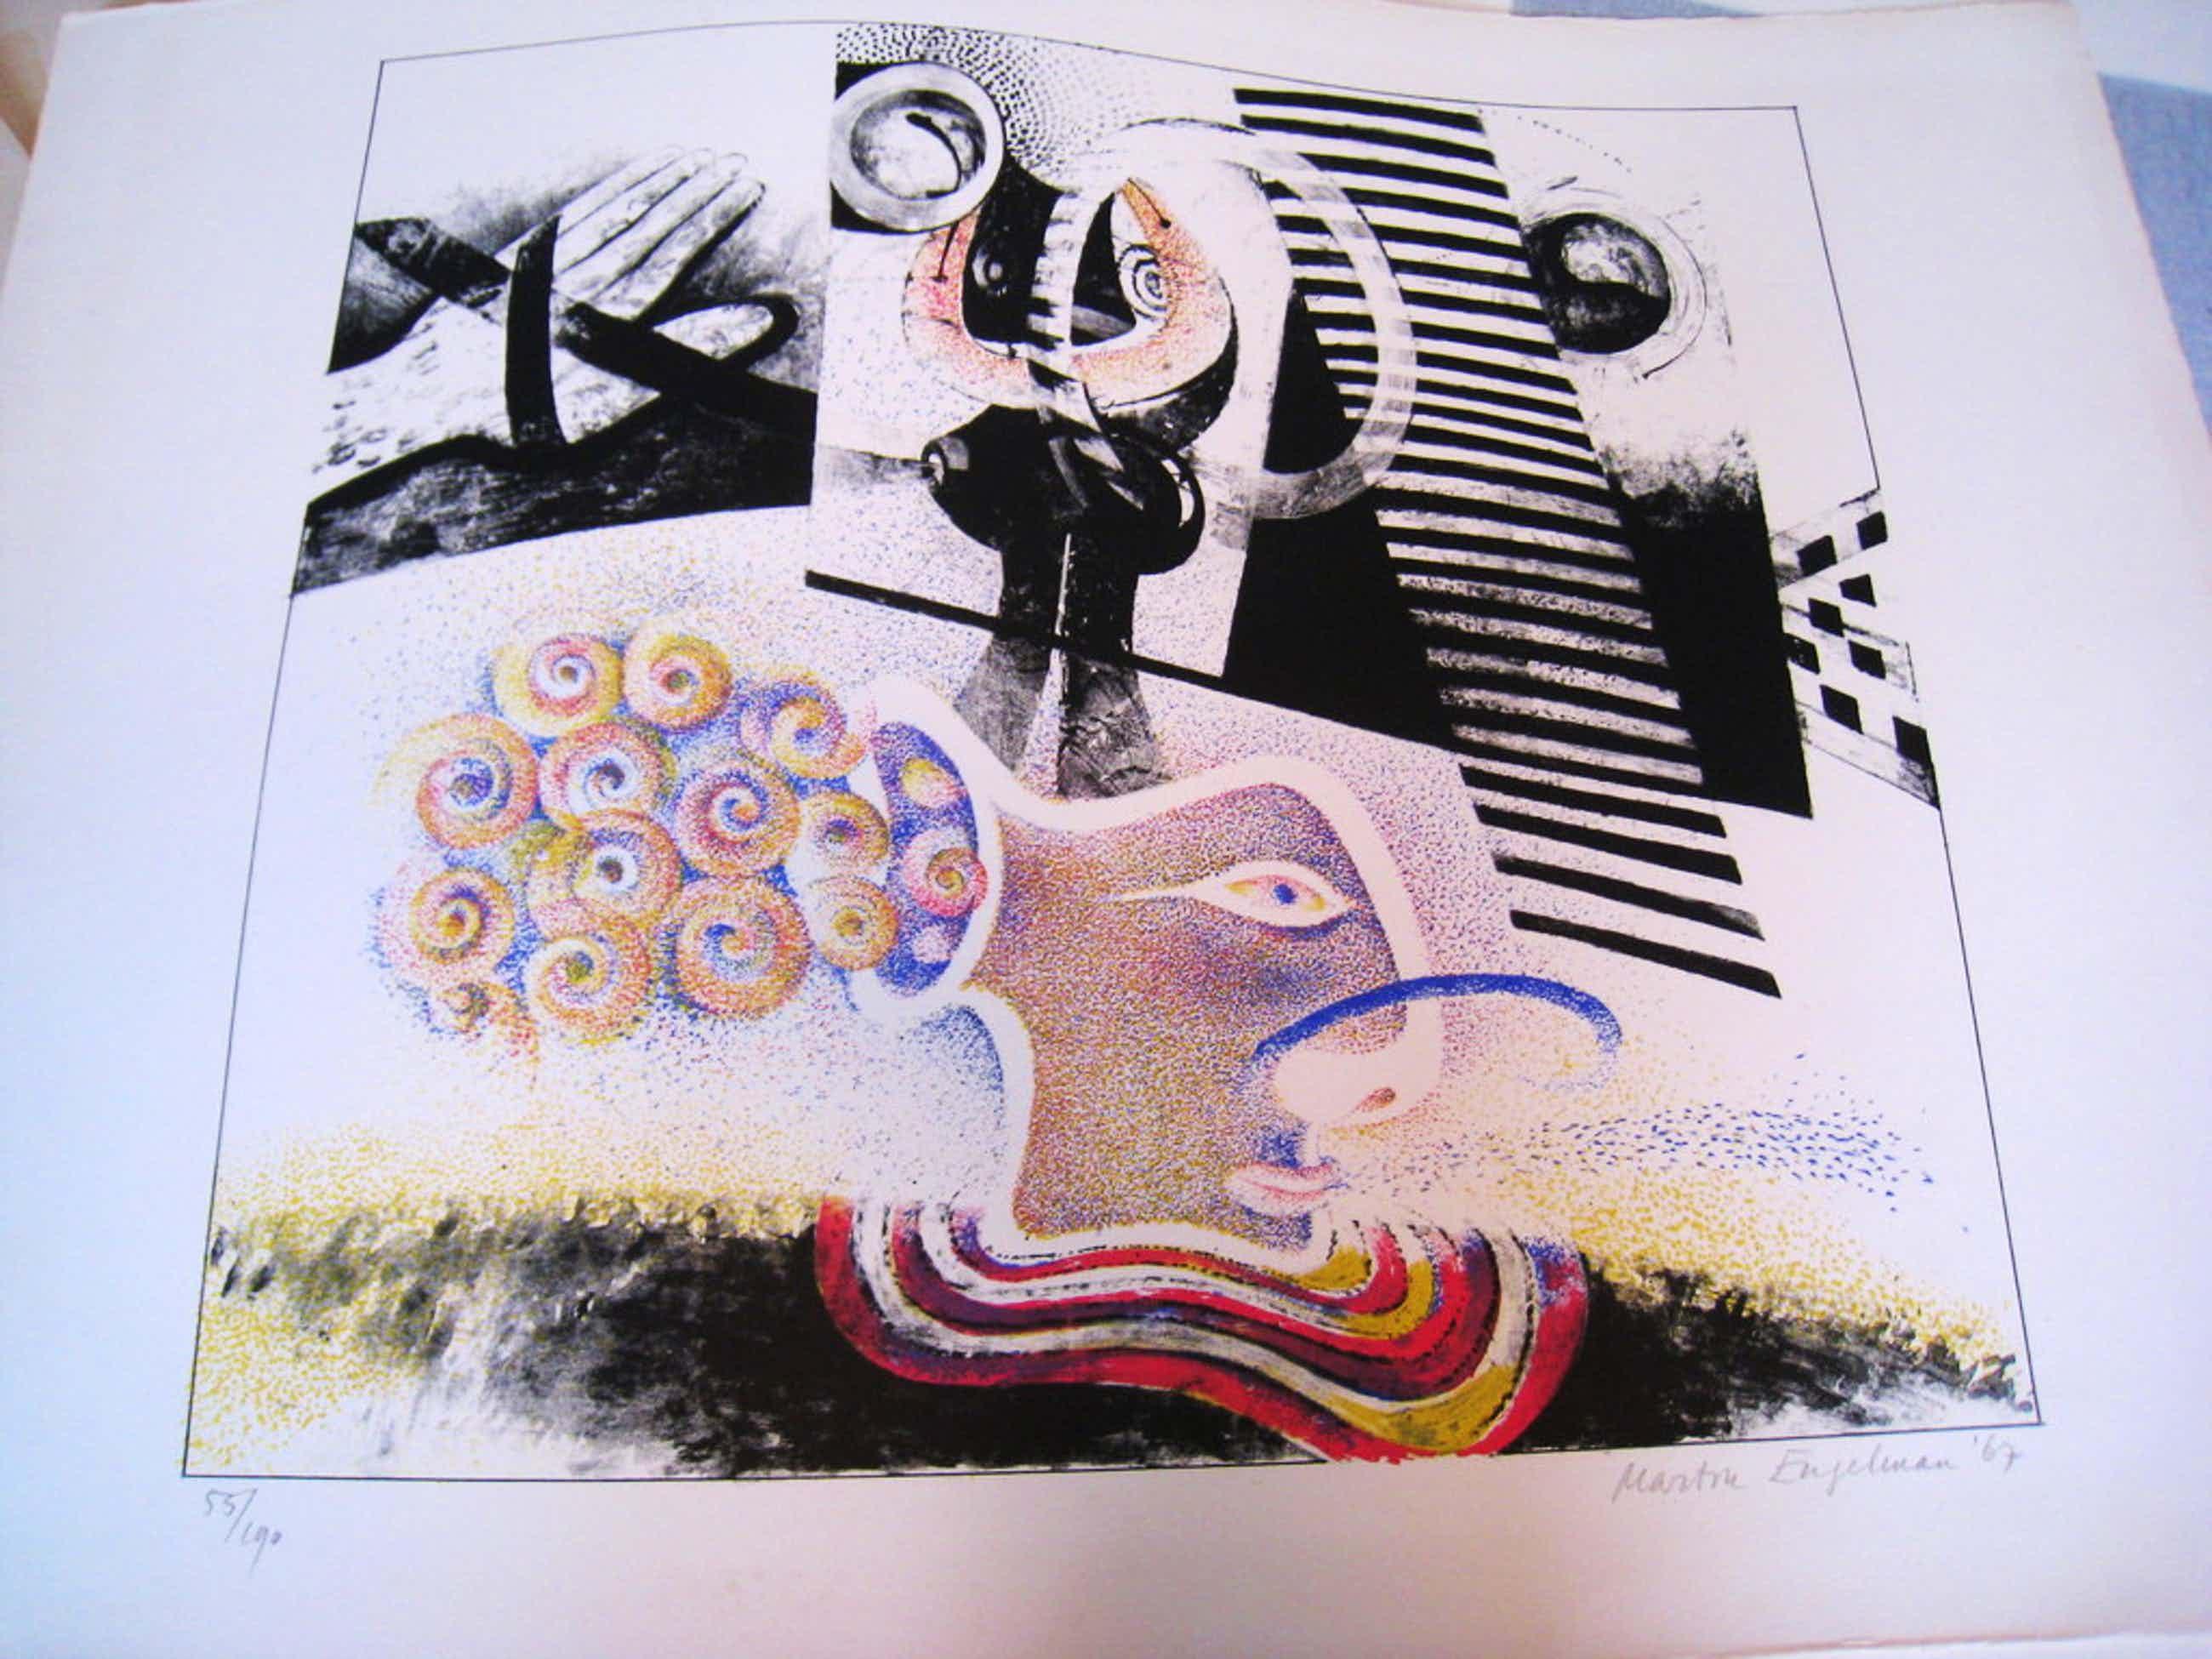 Martin Engelman, kleurenlitho 'Boegbeeld op zwarte zee' kopen? Bied vanaf 50!